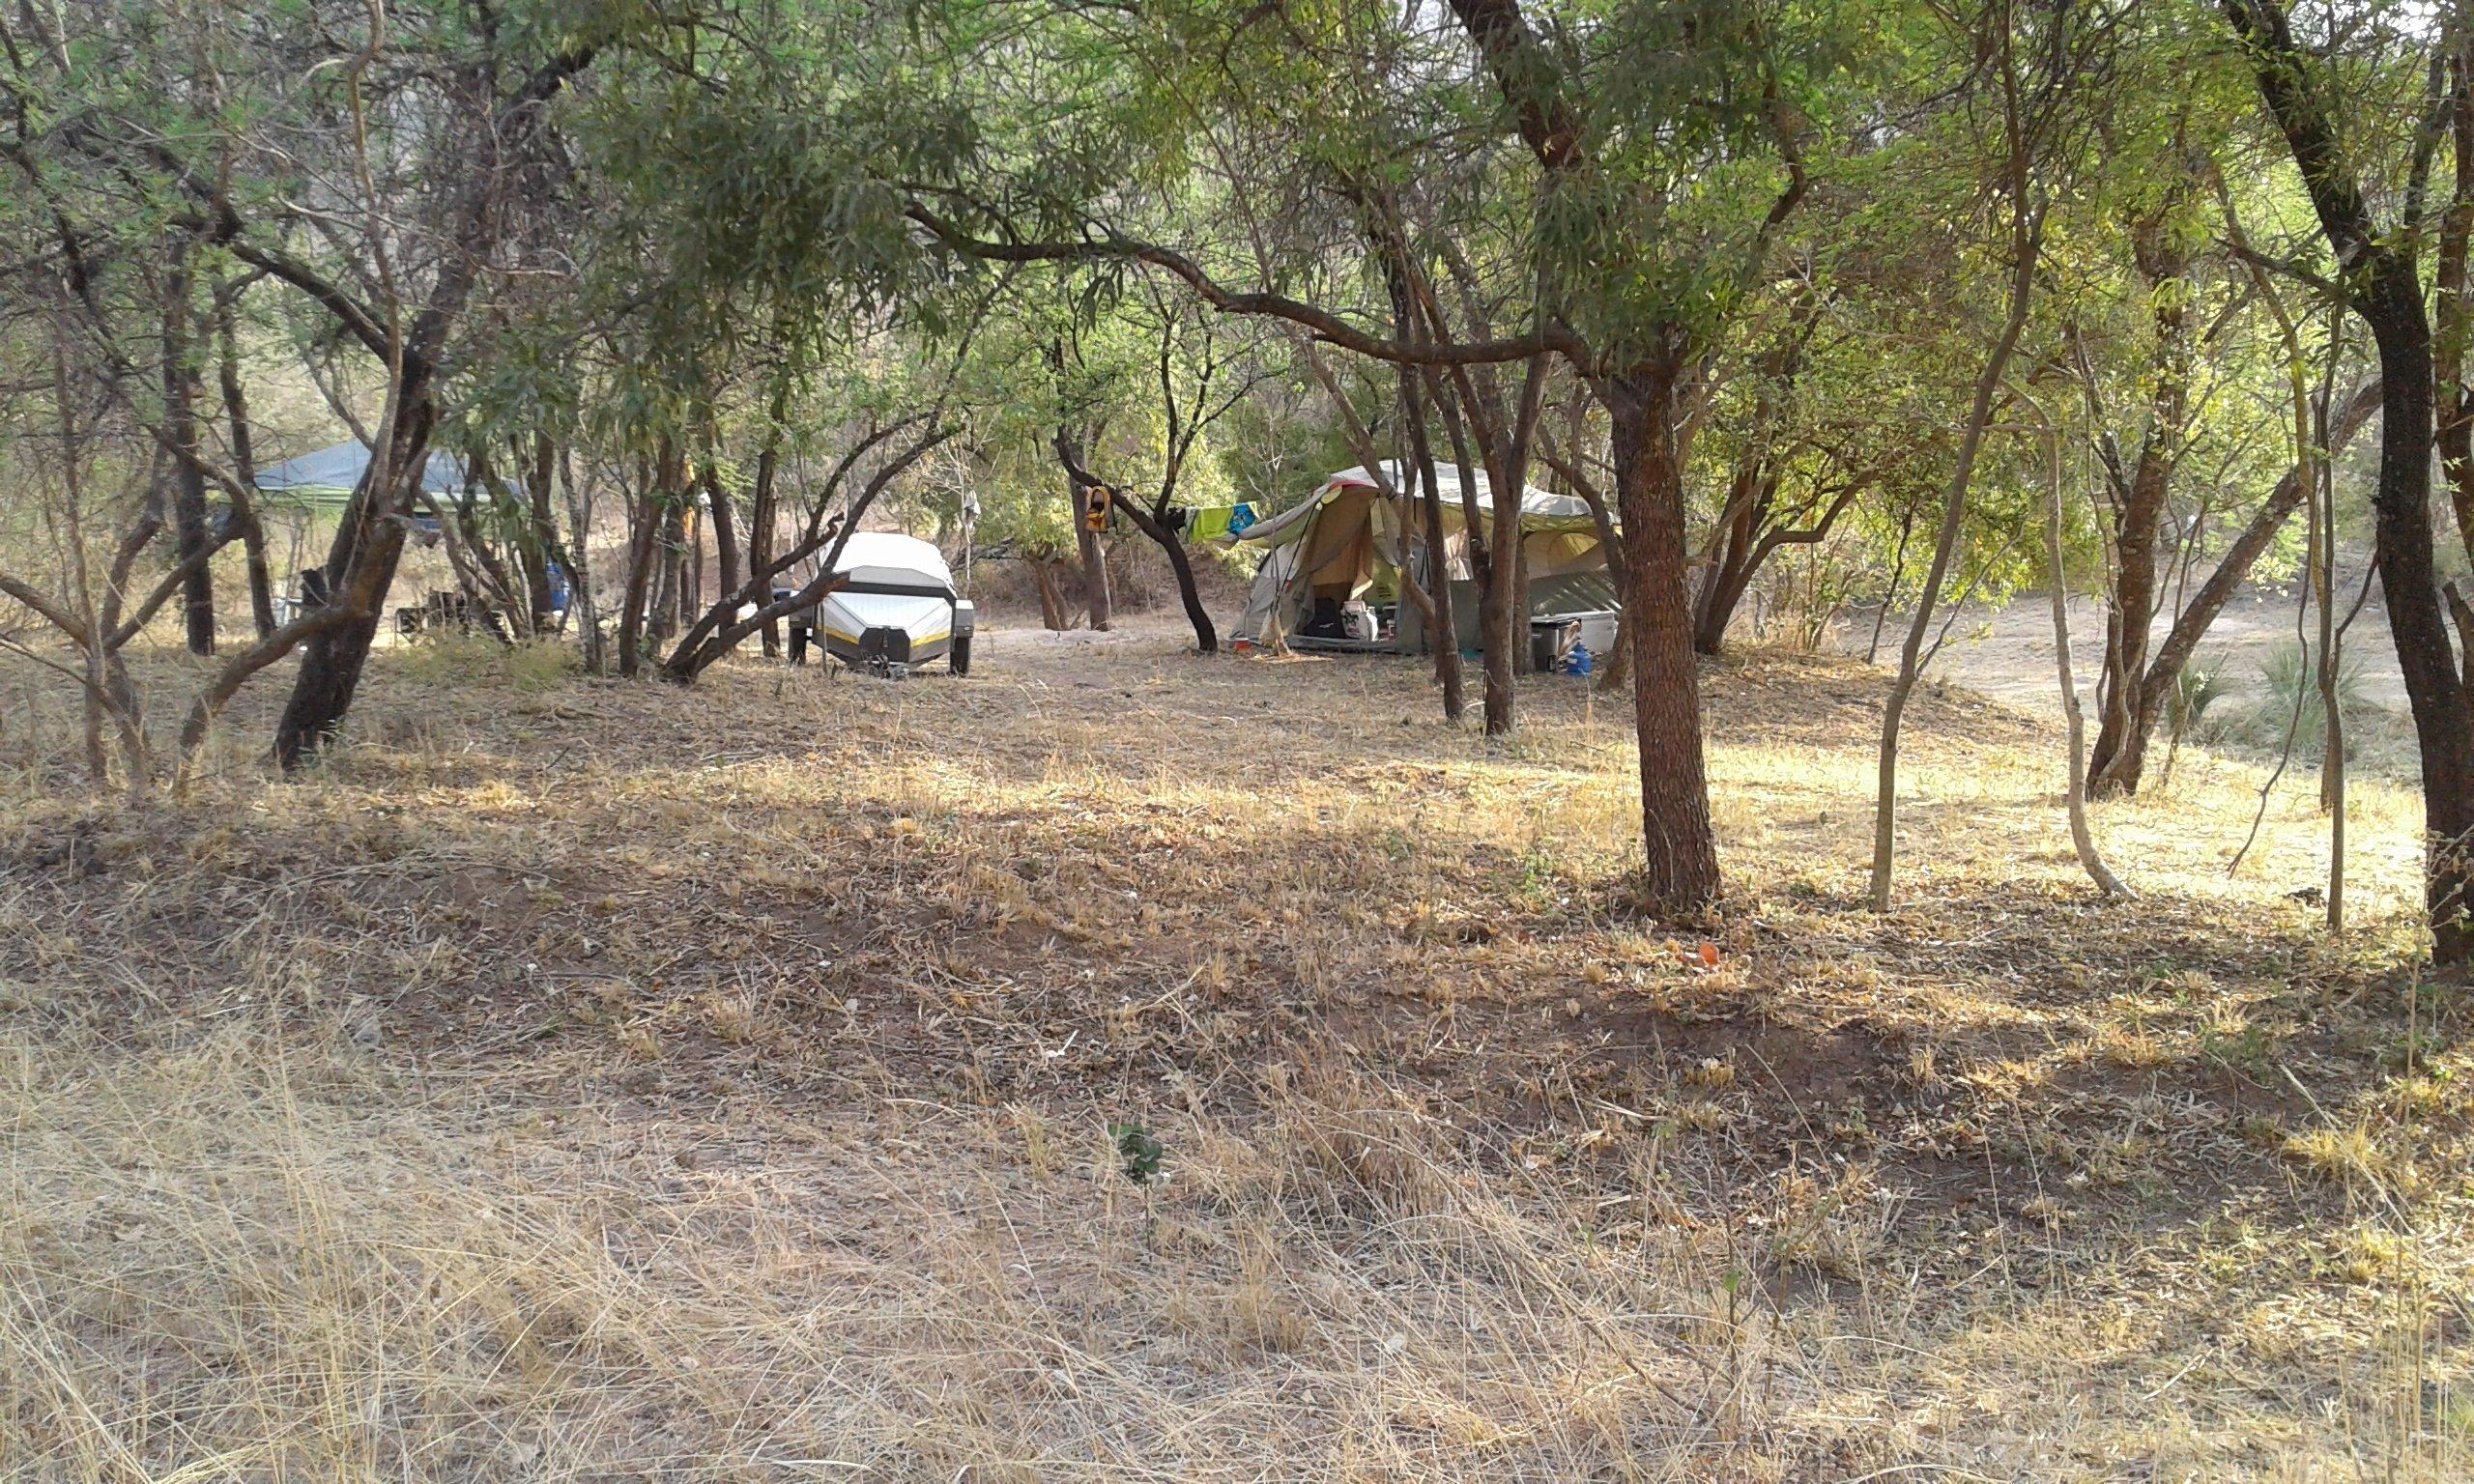 Camping at Thabaphaswa